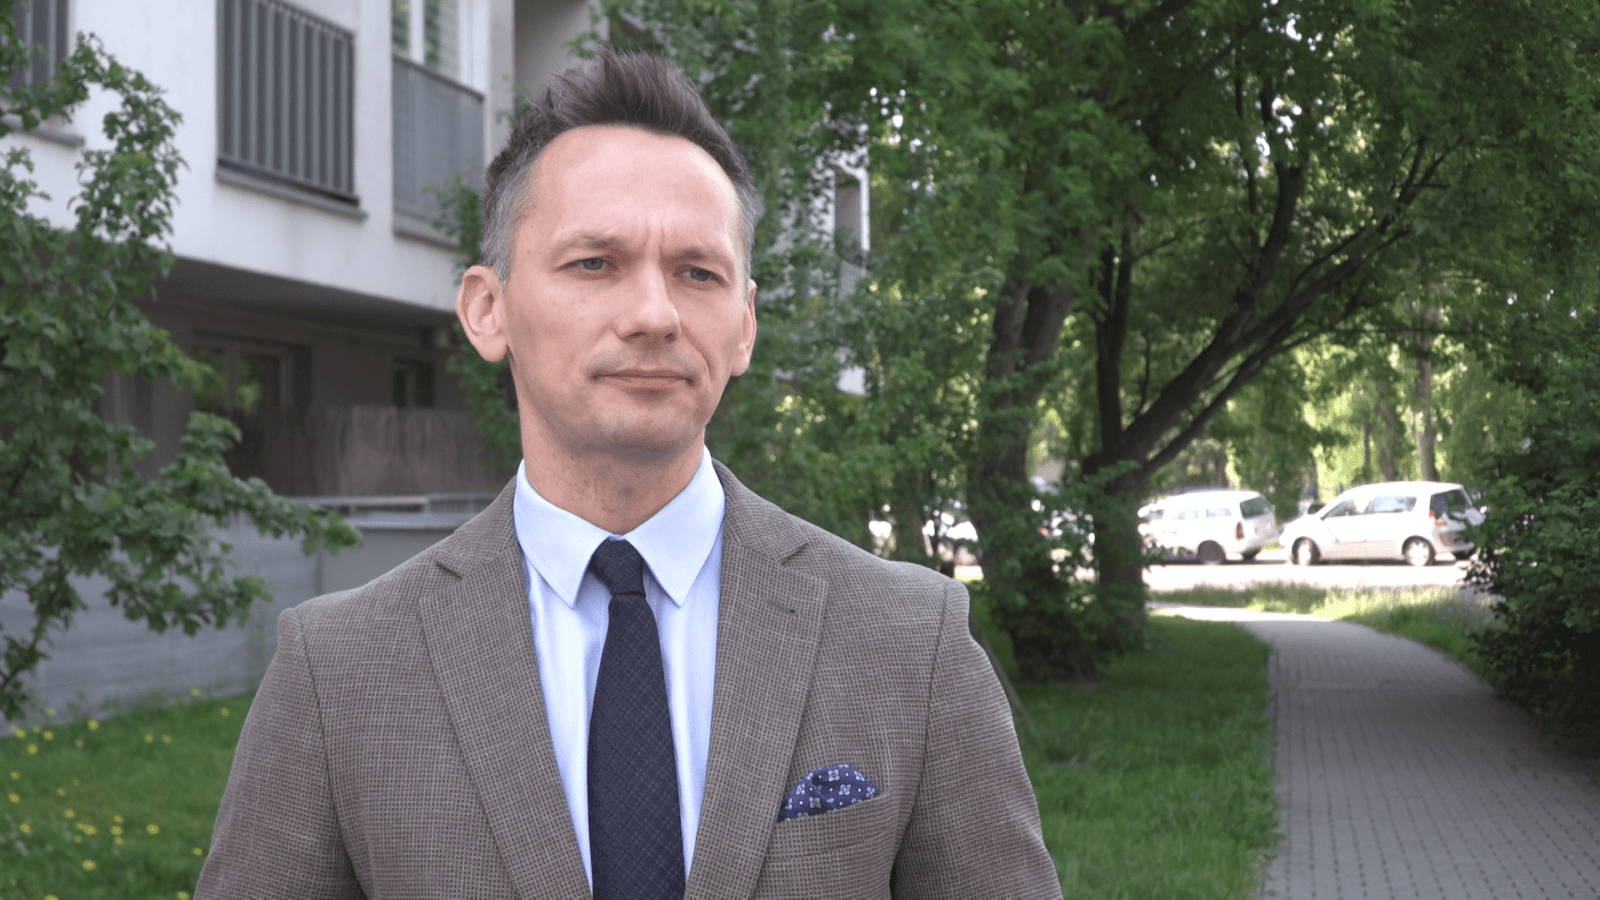 Polskie firmy zainteresowane udziałem w nowych programach kosmicznych UE. Branża czeka też na przyjęcie przez rząd programu kosmicznego